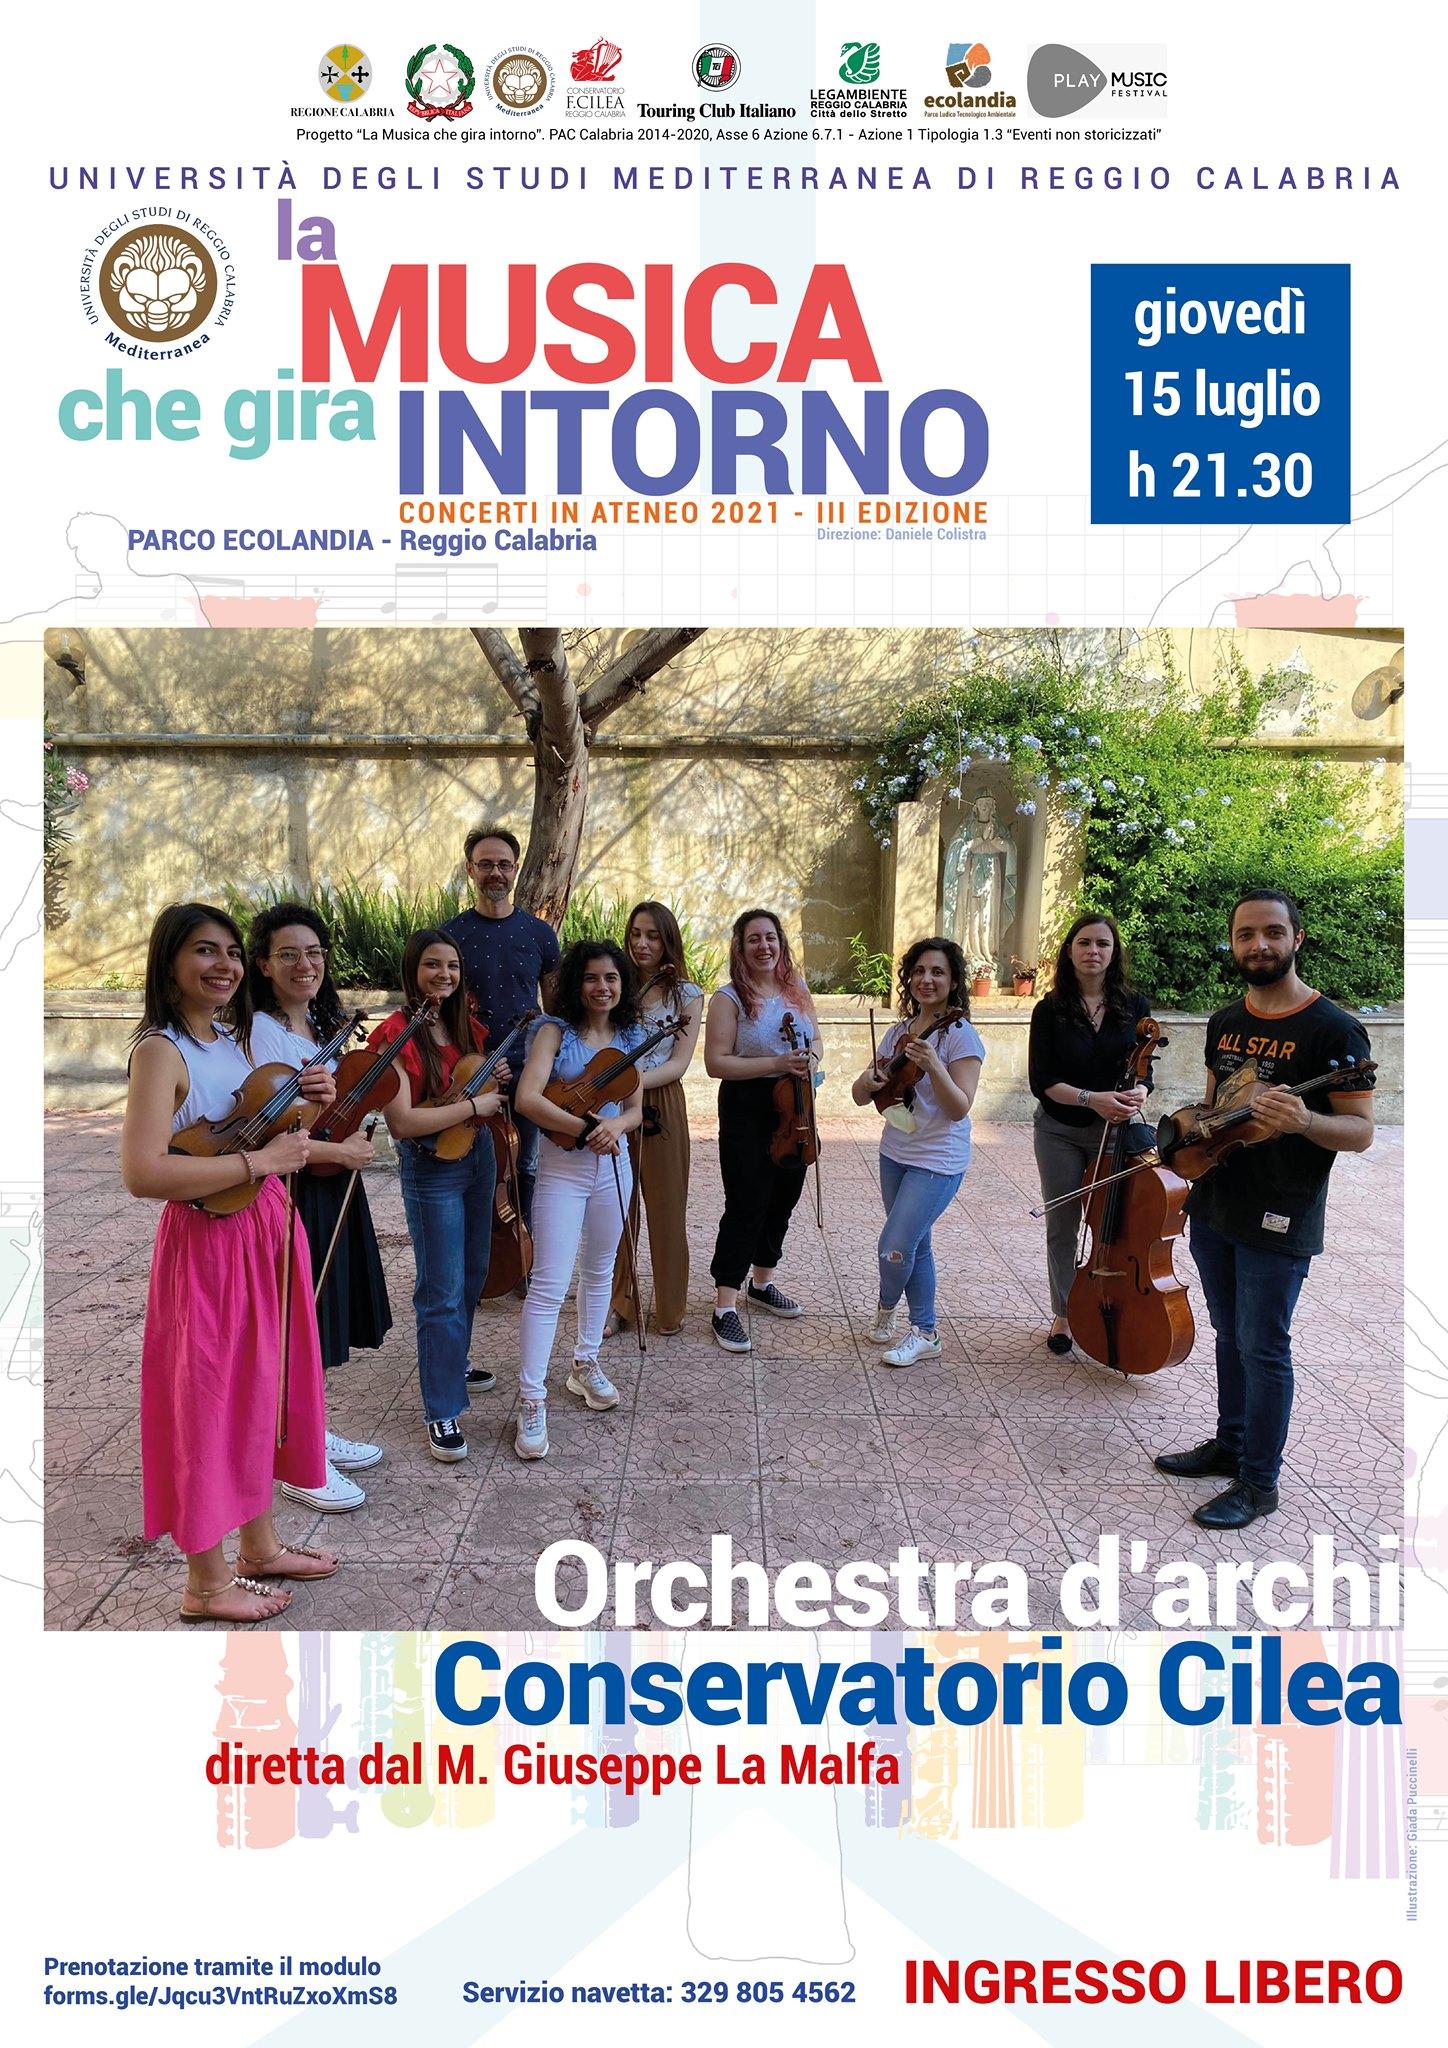 L'Orchestra d'archi del Conservatorio Cilea